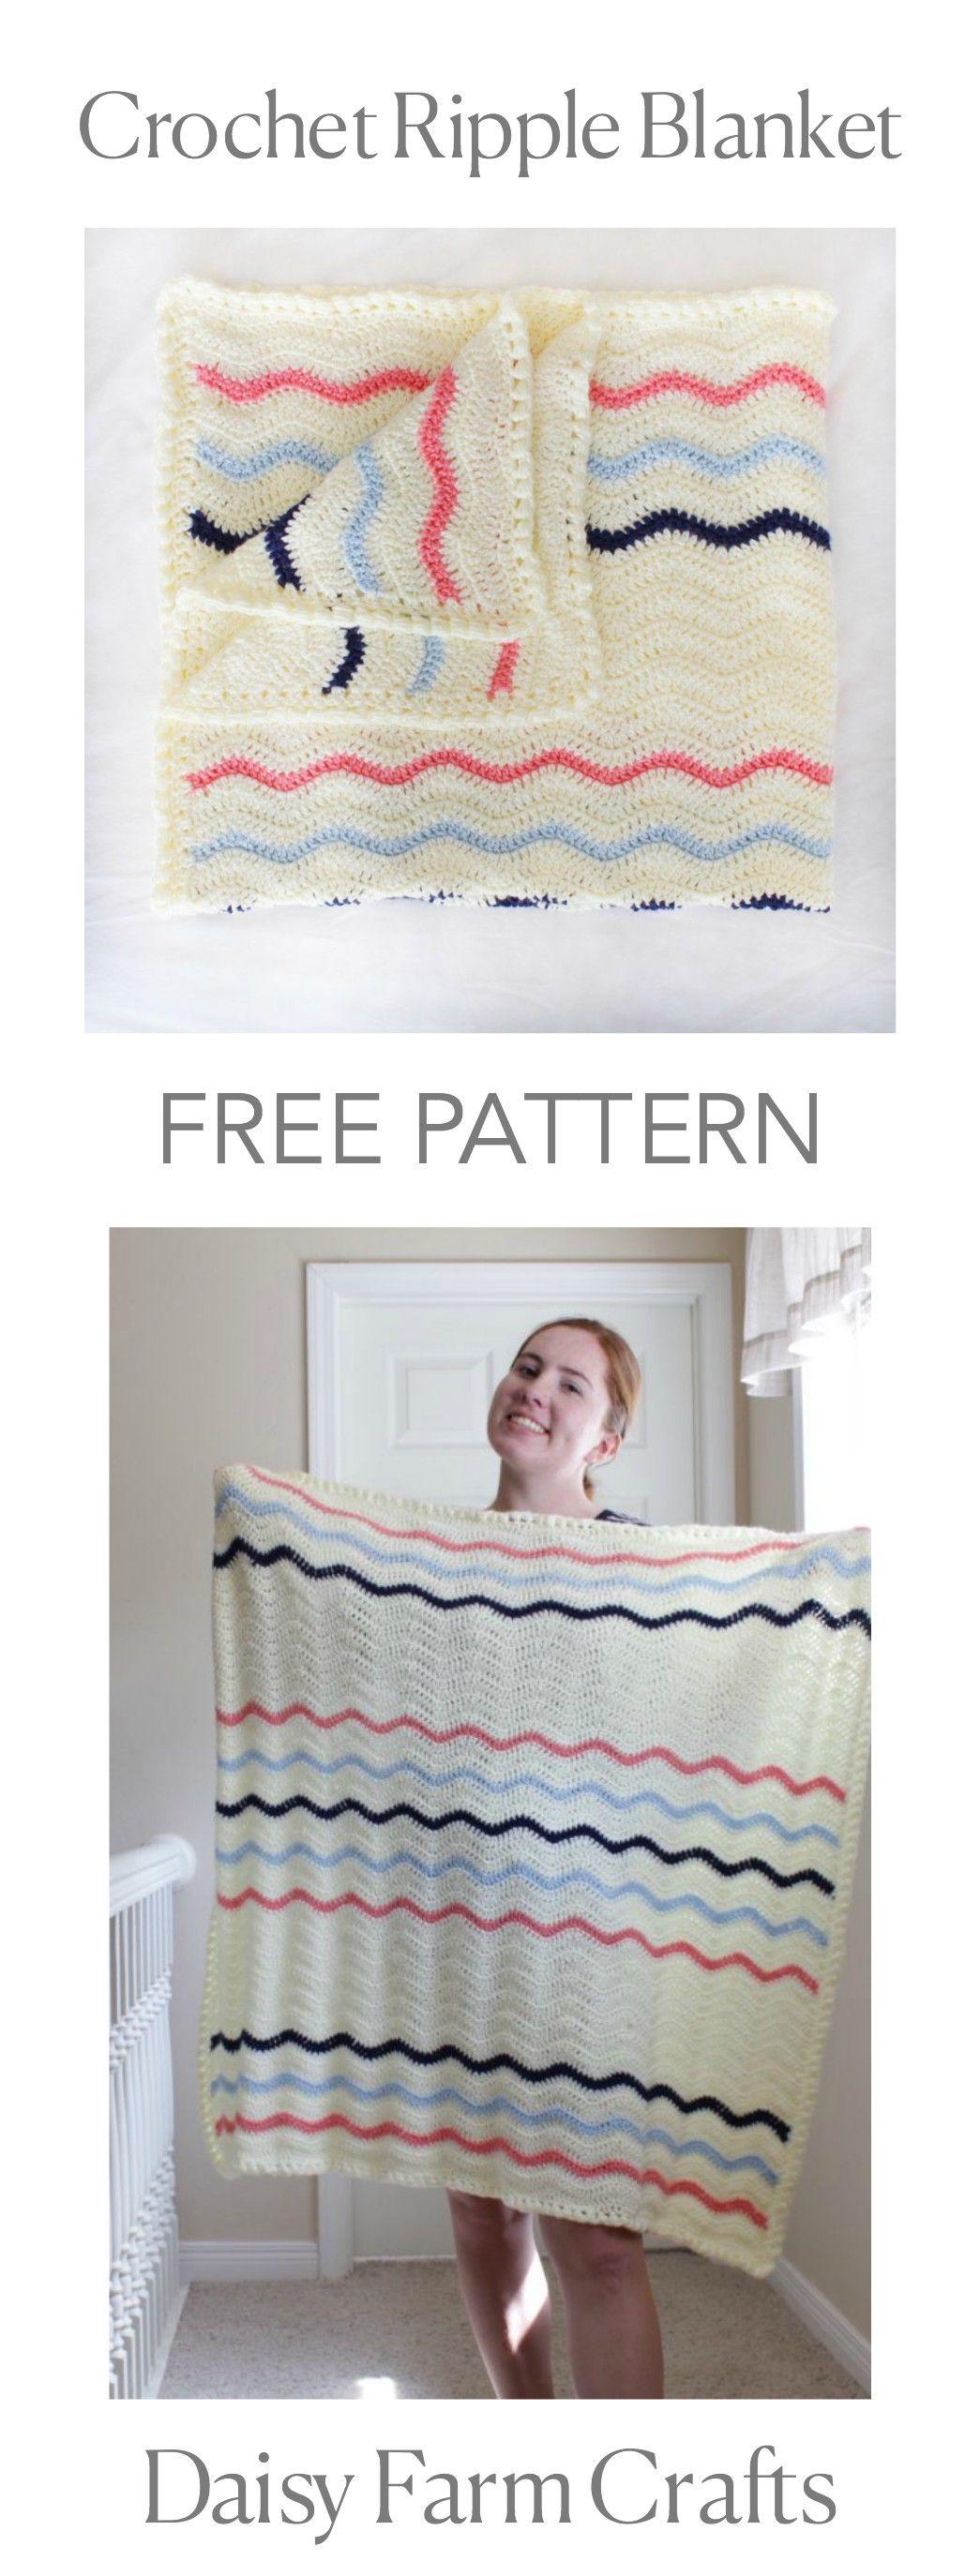 FREE PATTERN - Crochet Ripple Blanket   Afghans chevron   Pinterest